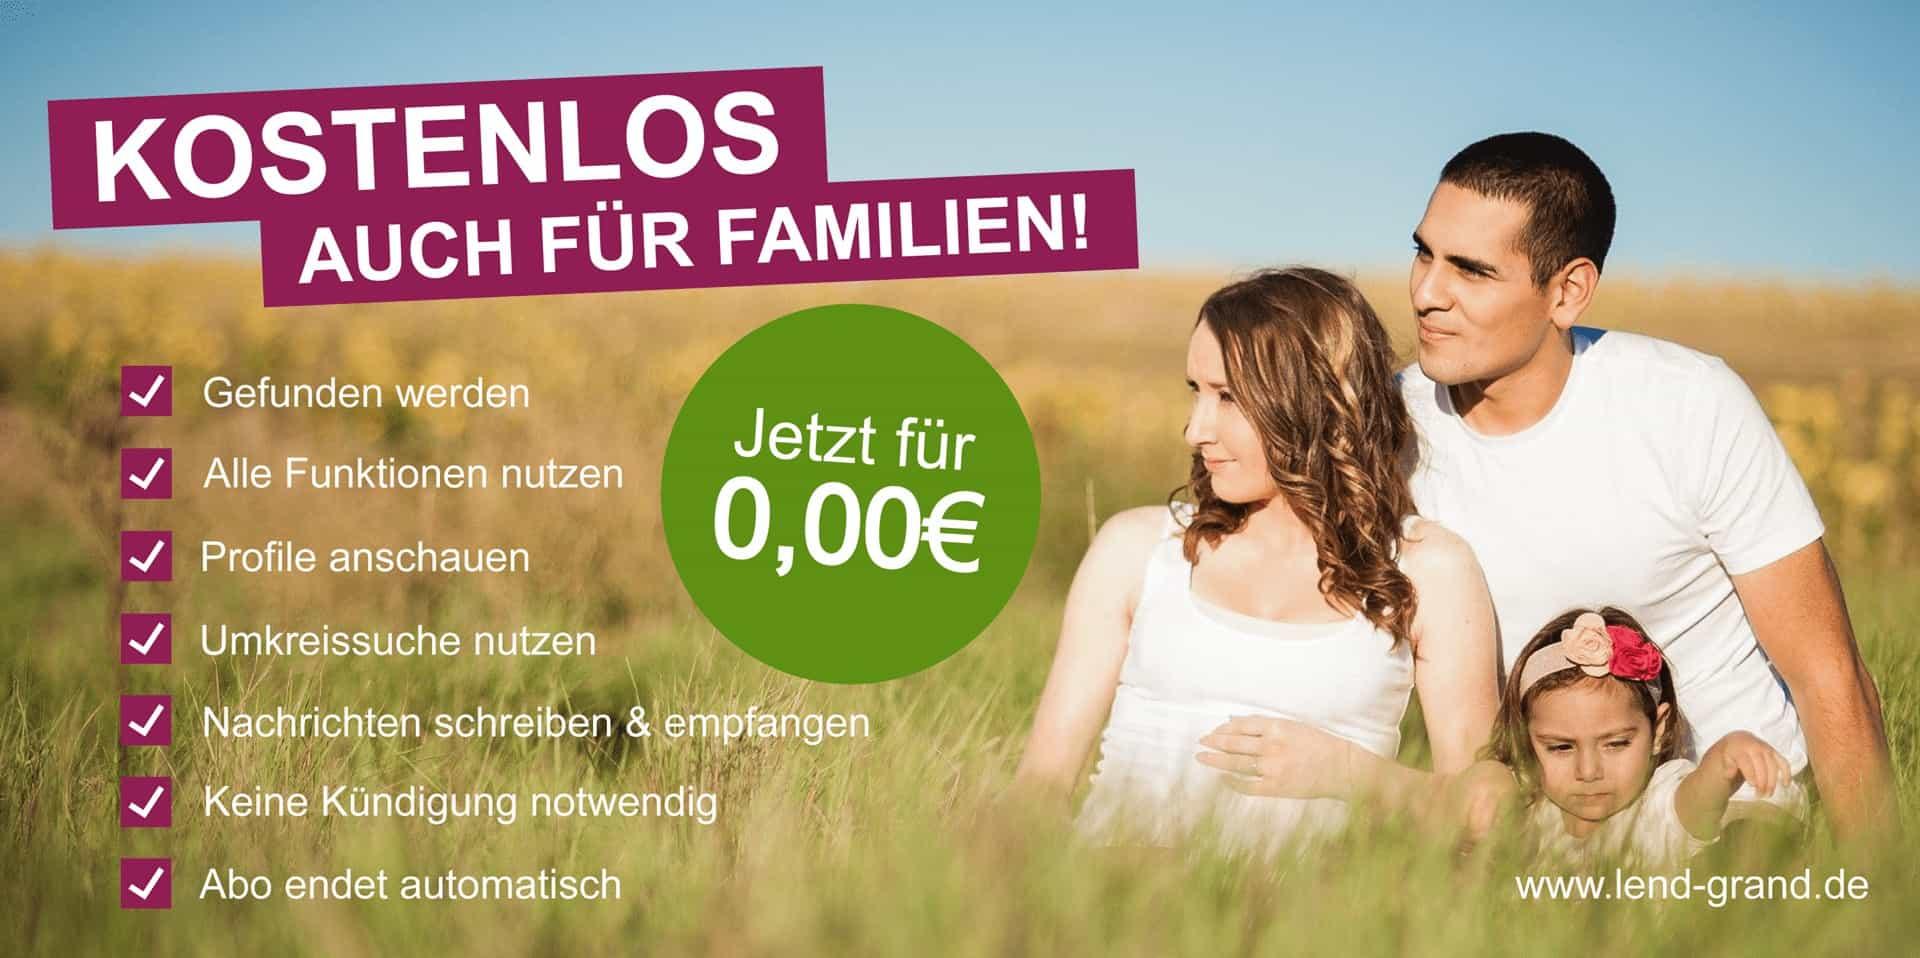 für familien kostenlos - lend-grand.de